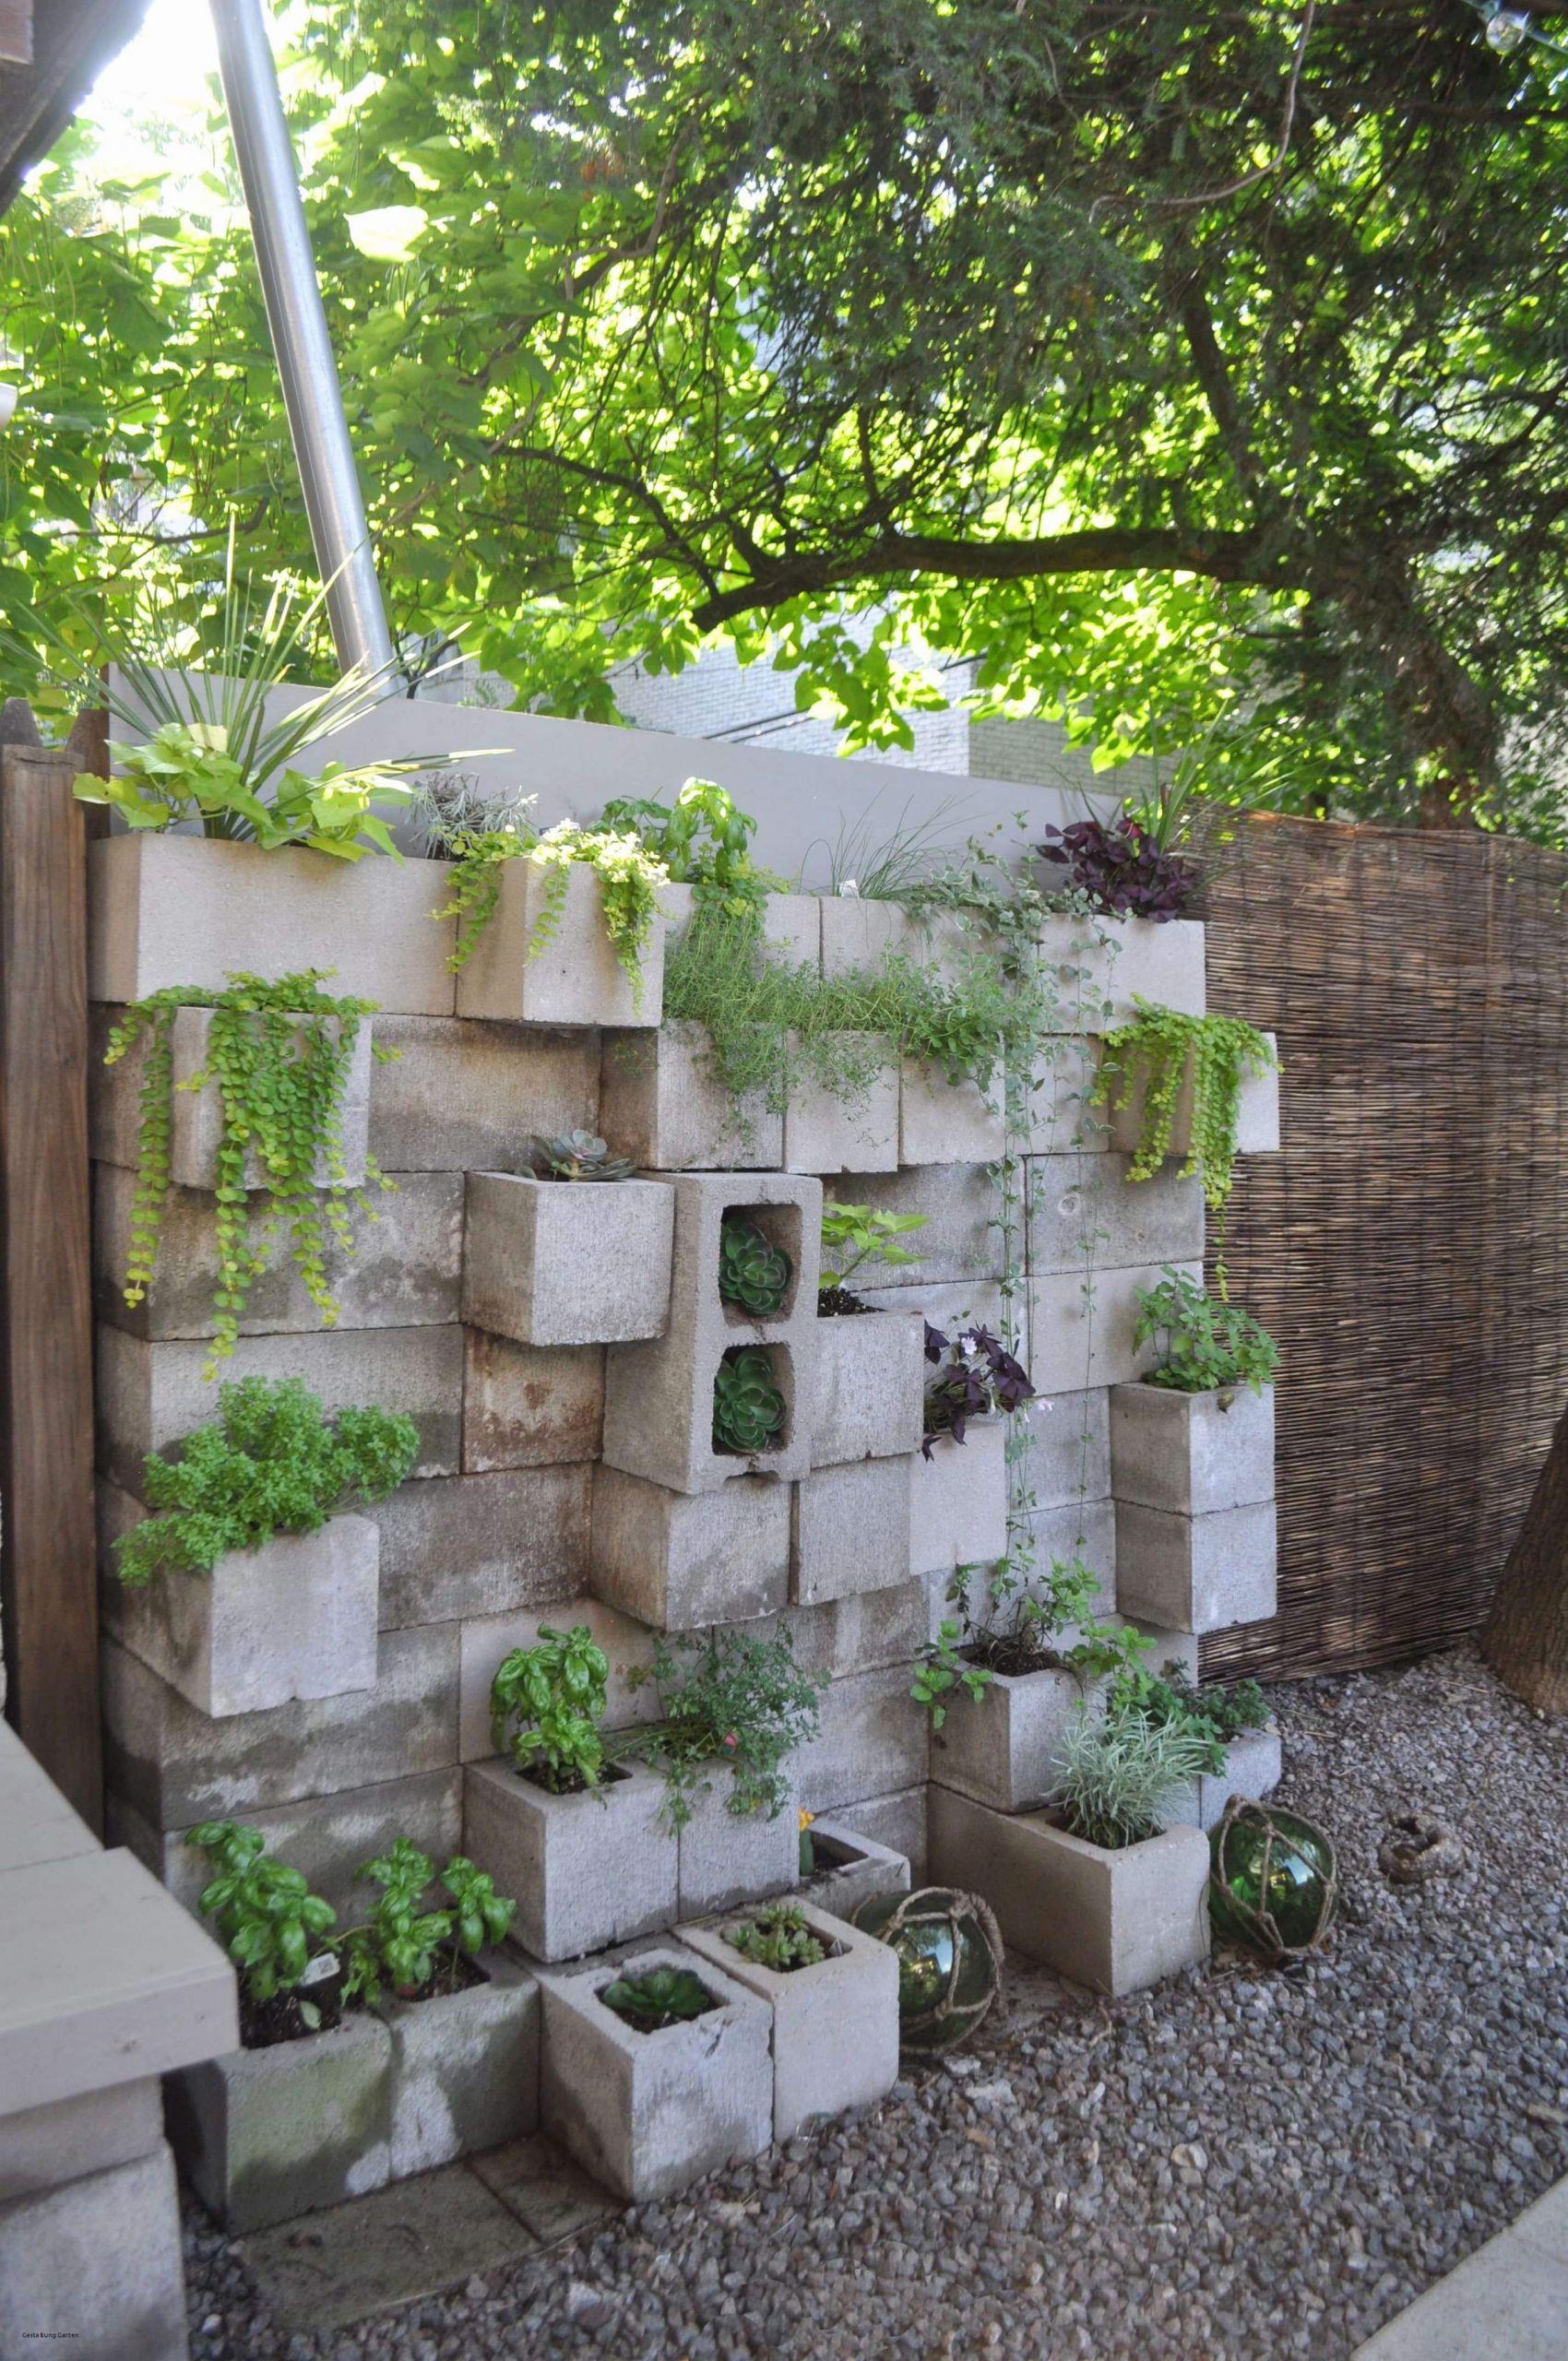 Garten Und Landschaftspflege Inspirierend 28 Inspirierend Garten Anlegen Ideen Luxus